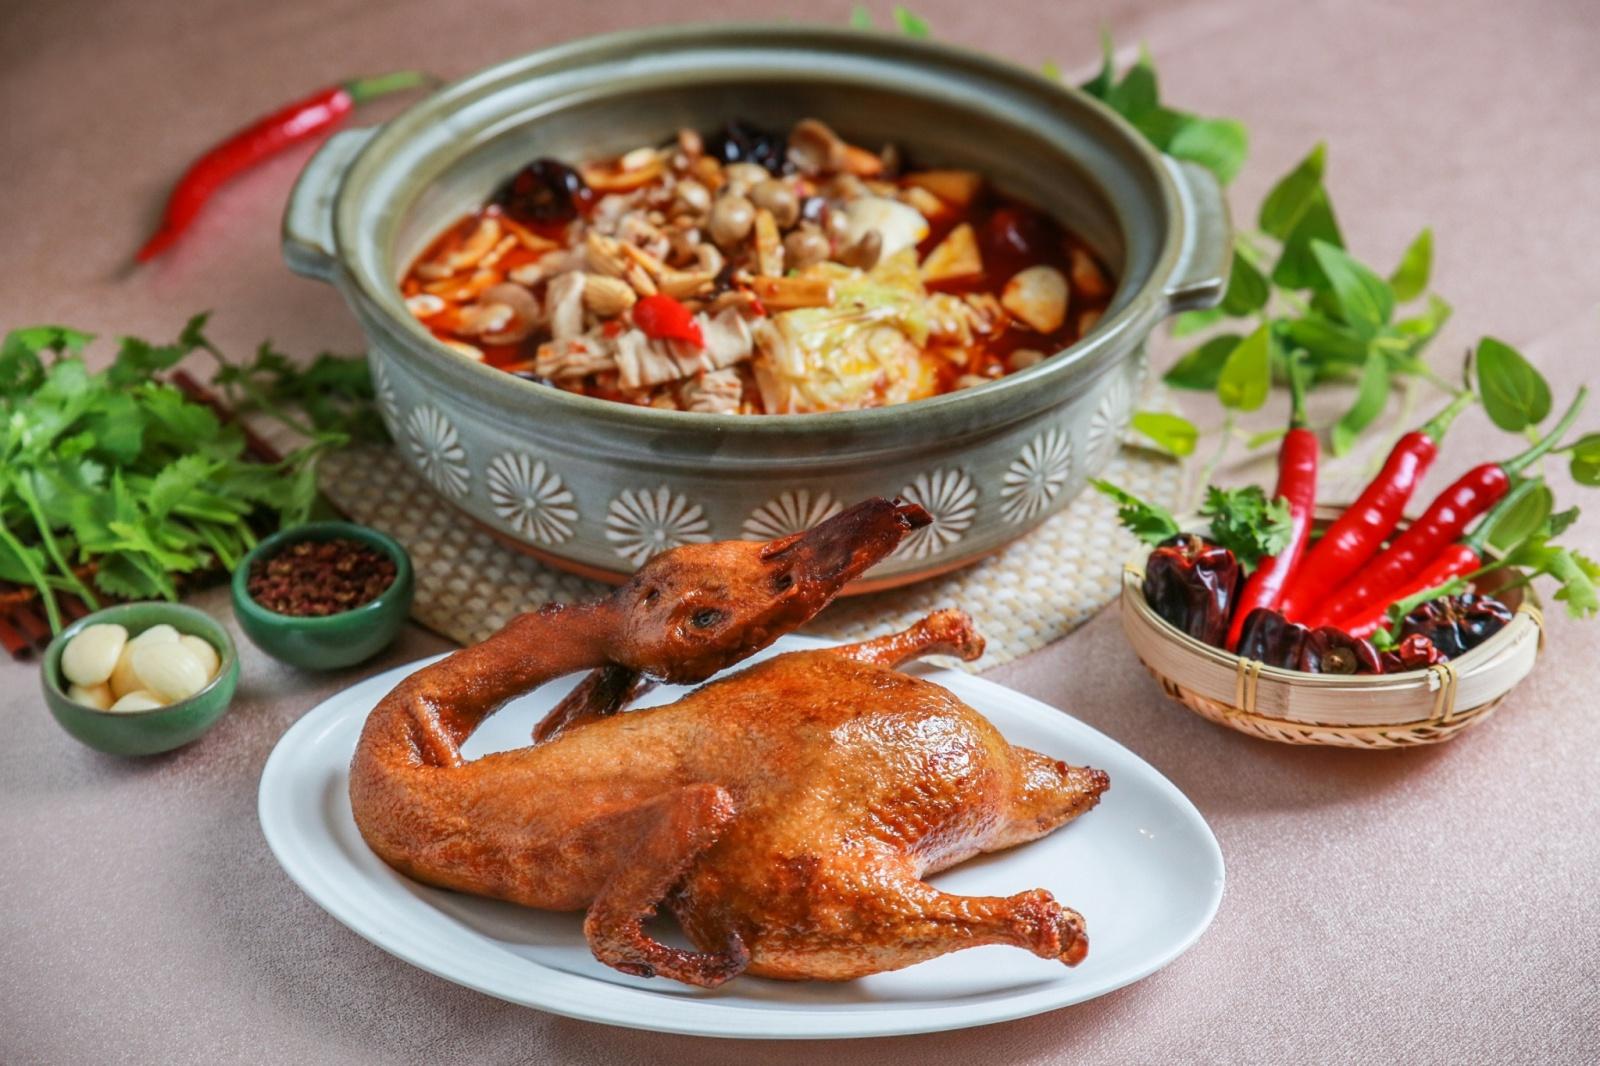 大地酒店「天府冒鴨鍋」,此款溫潤百搭湯品亦提供外帶服務。(大地酒店提供)